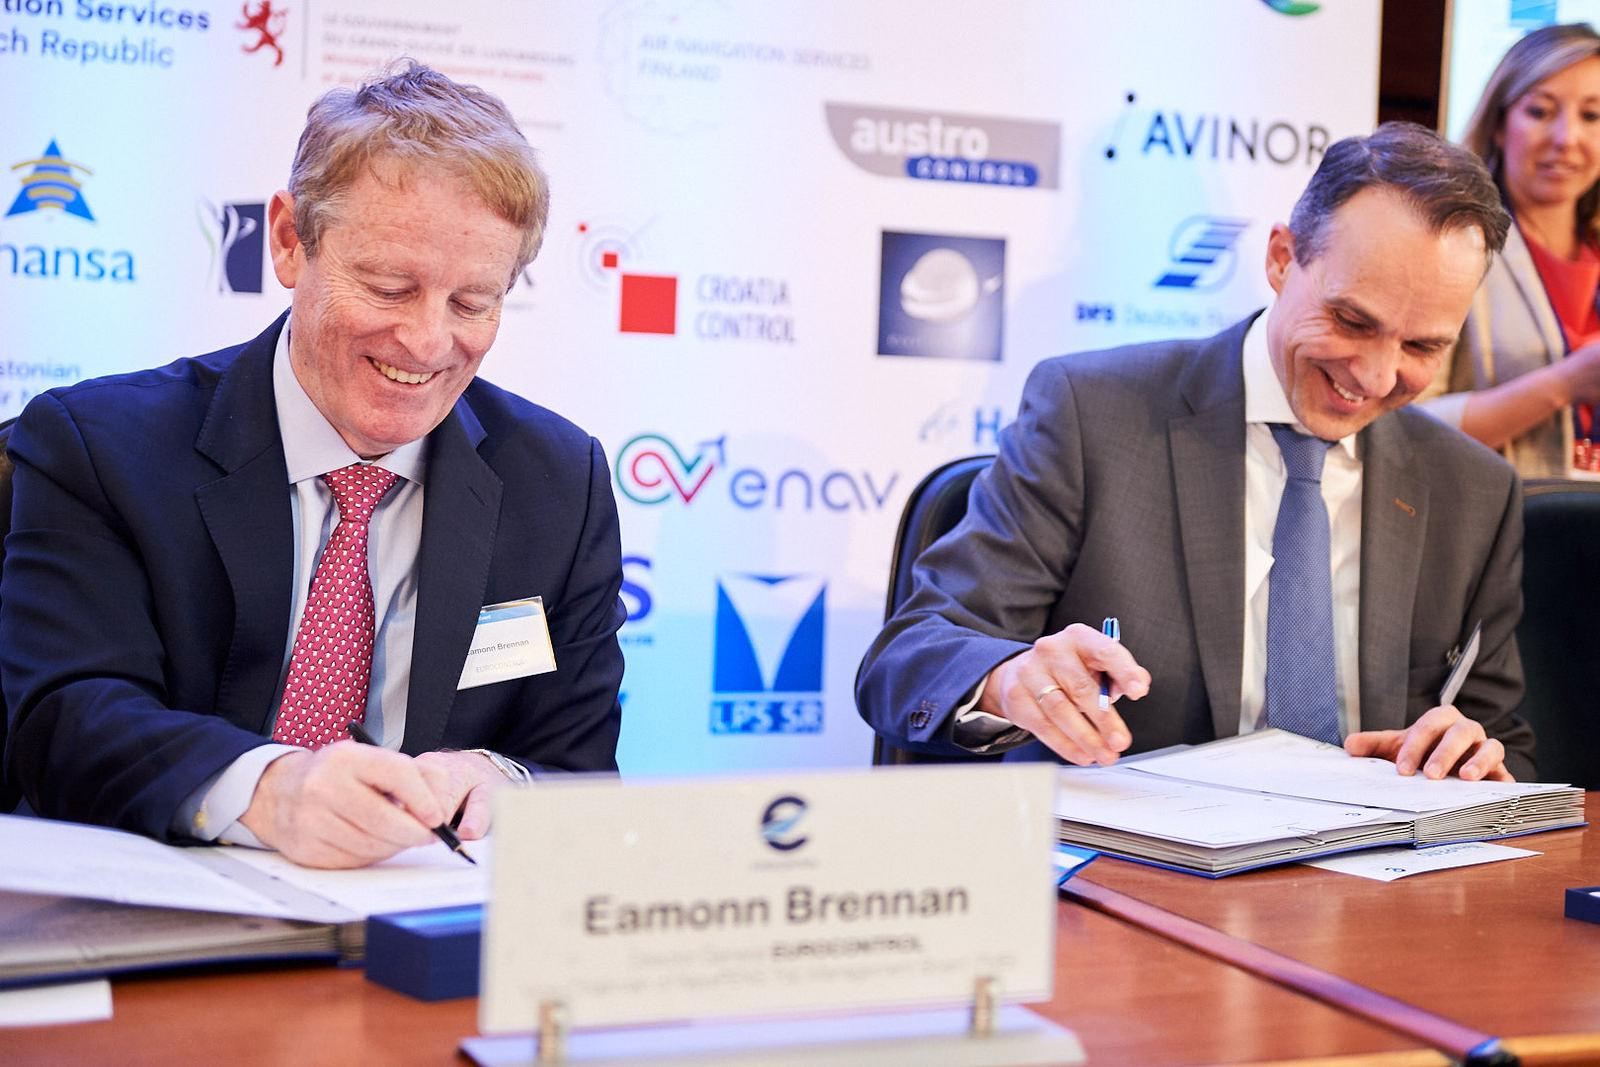 Firma dell'accordo tra il Direttore Generale di Eurocontrol, Eammon Brennan, e Bas Burger, CEO Global Services,BT